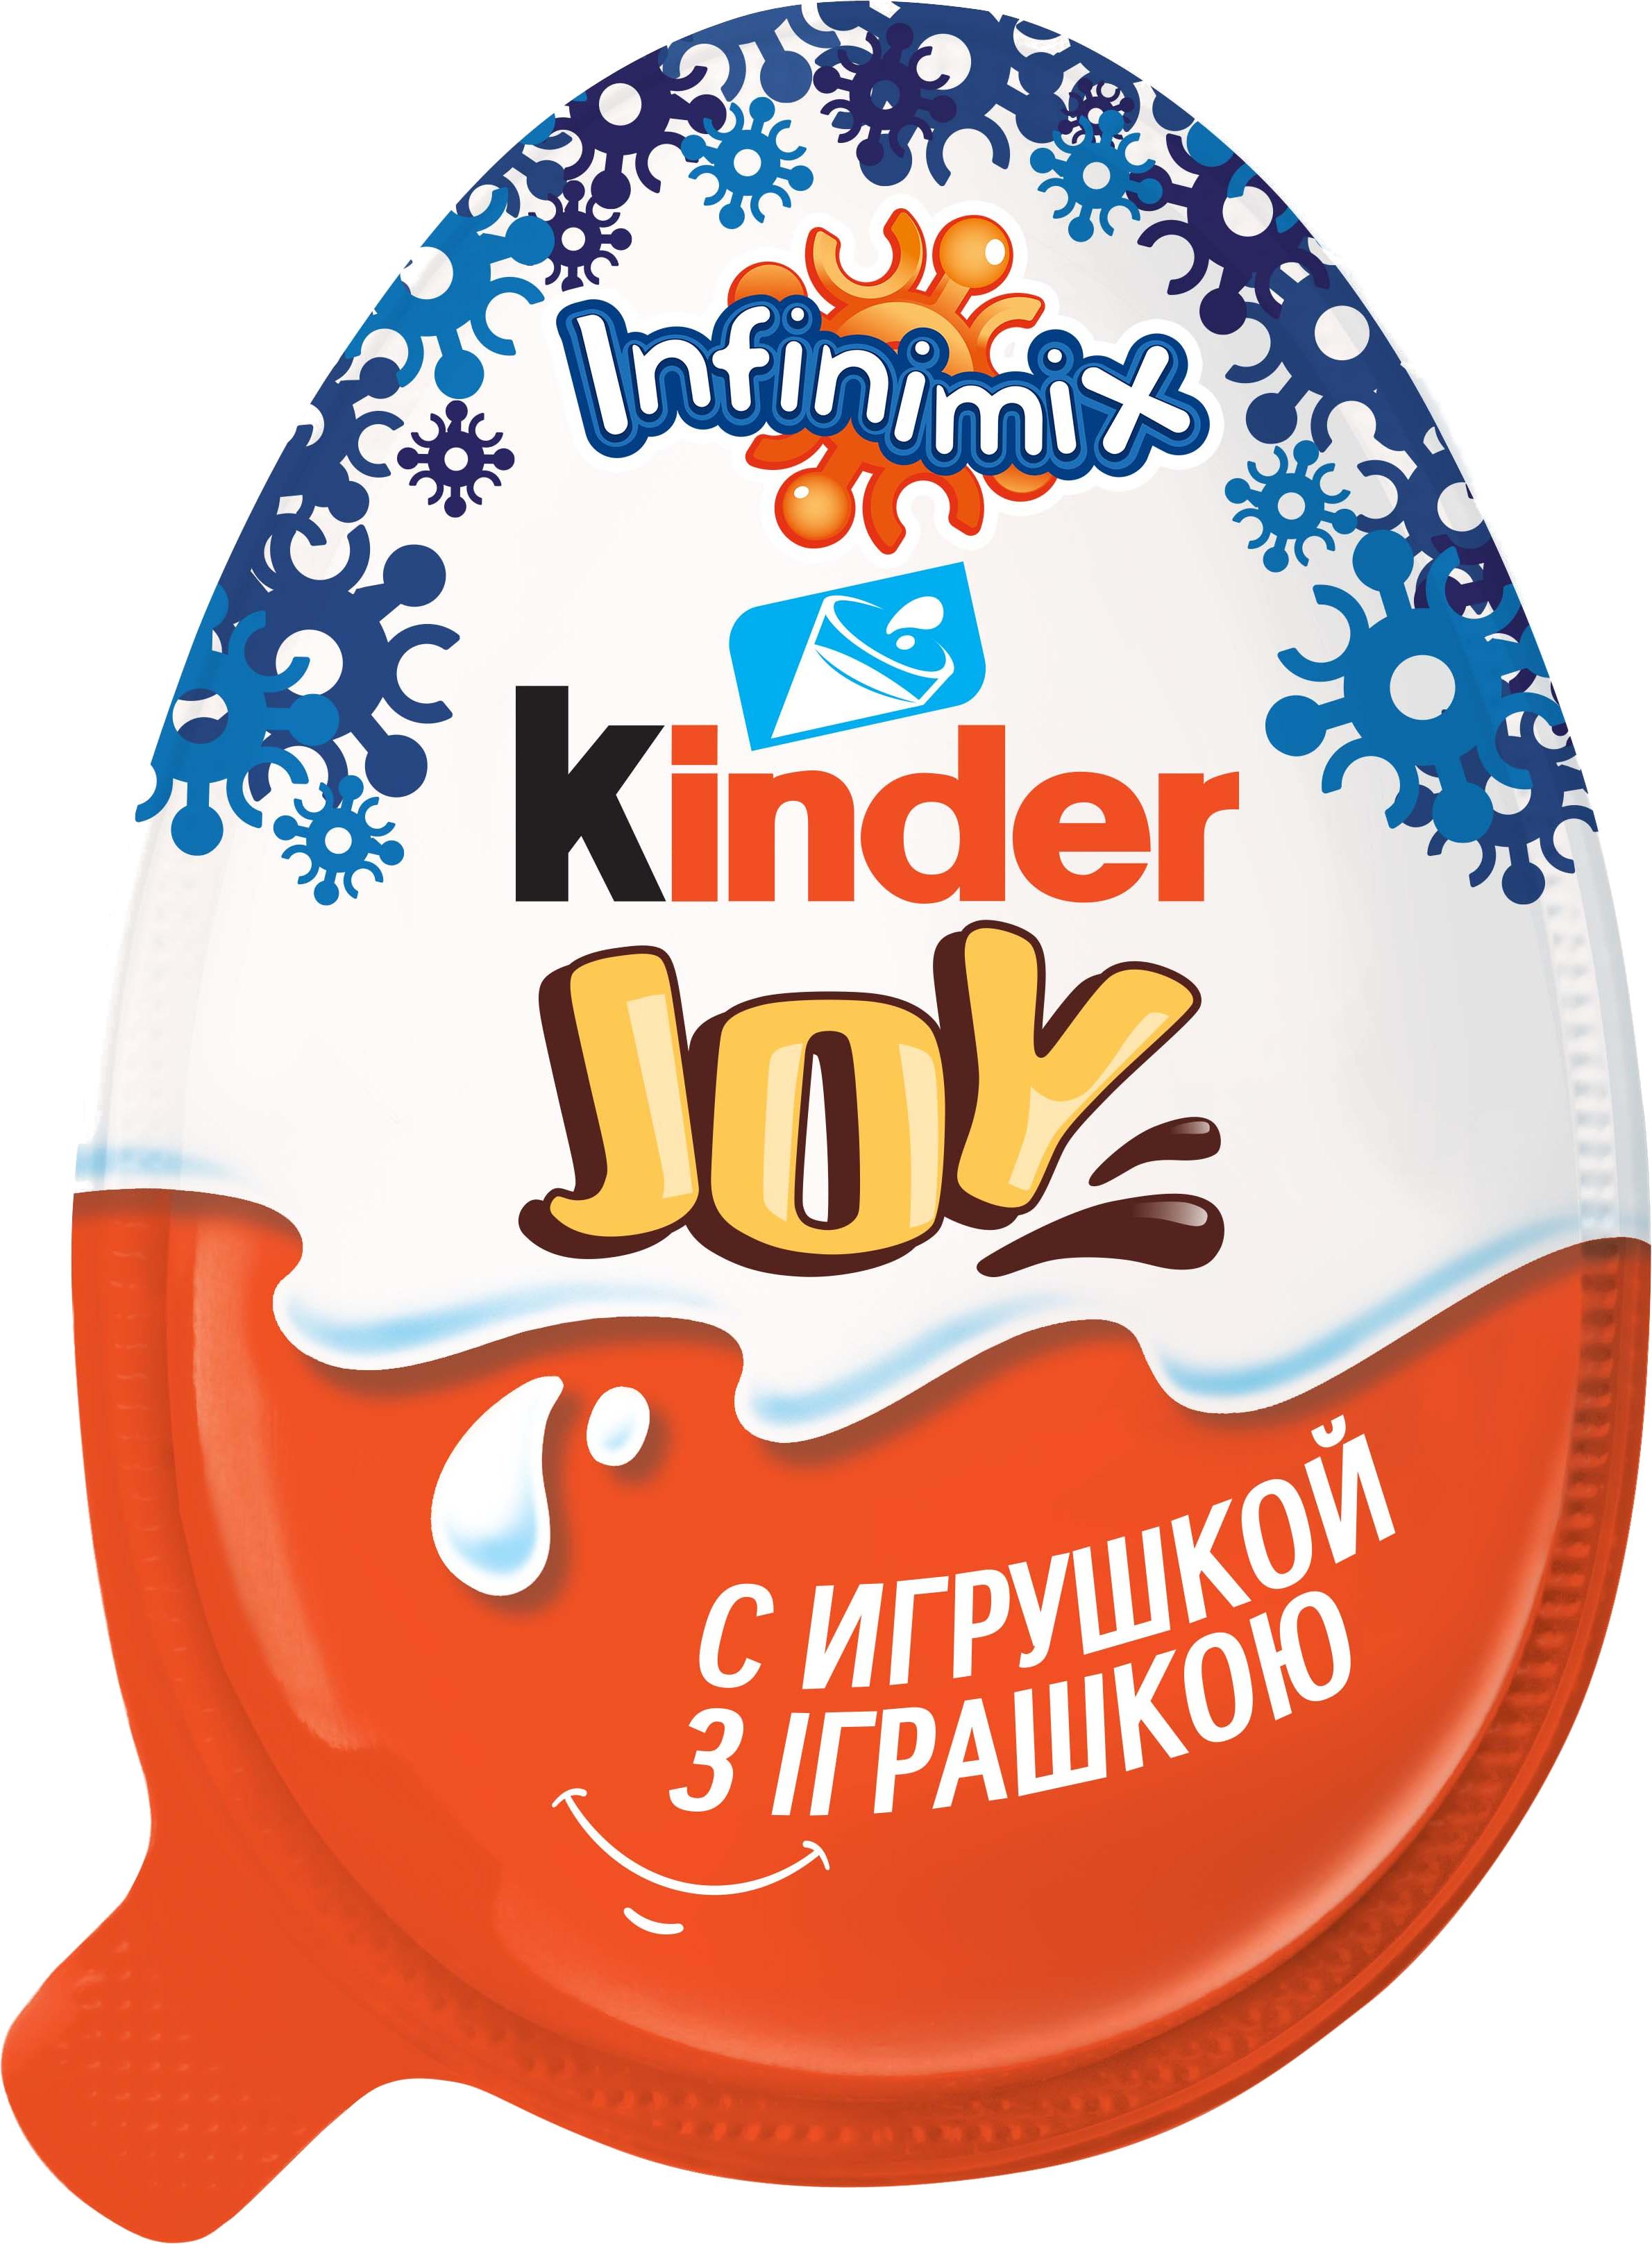 Шоколадное яйцо Kinder Kinder Joy 20 г шоколадное яйцо kinder joy принцессы 20 г